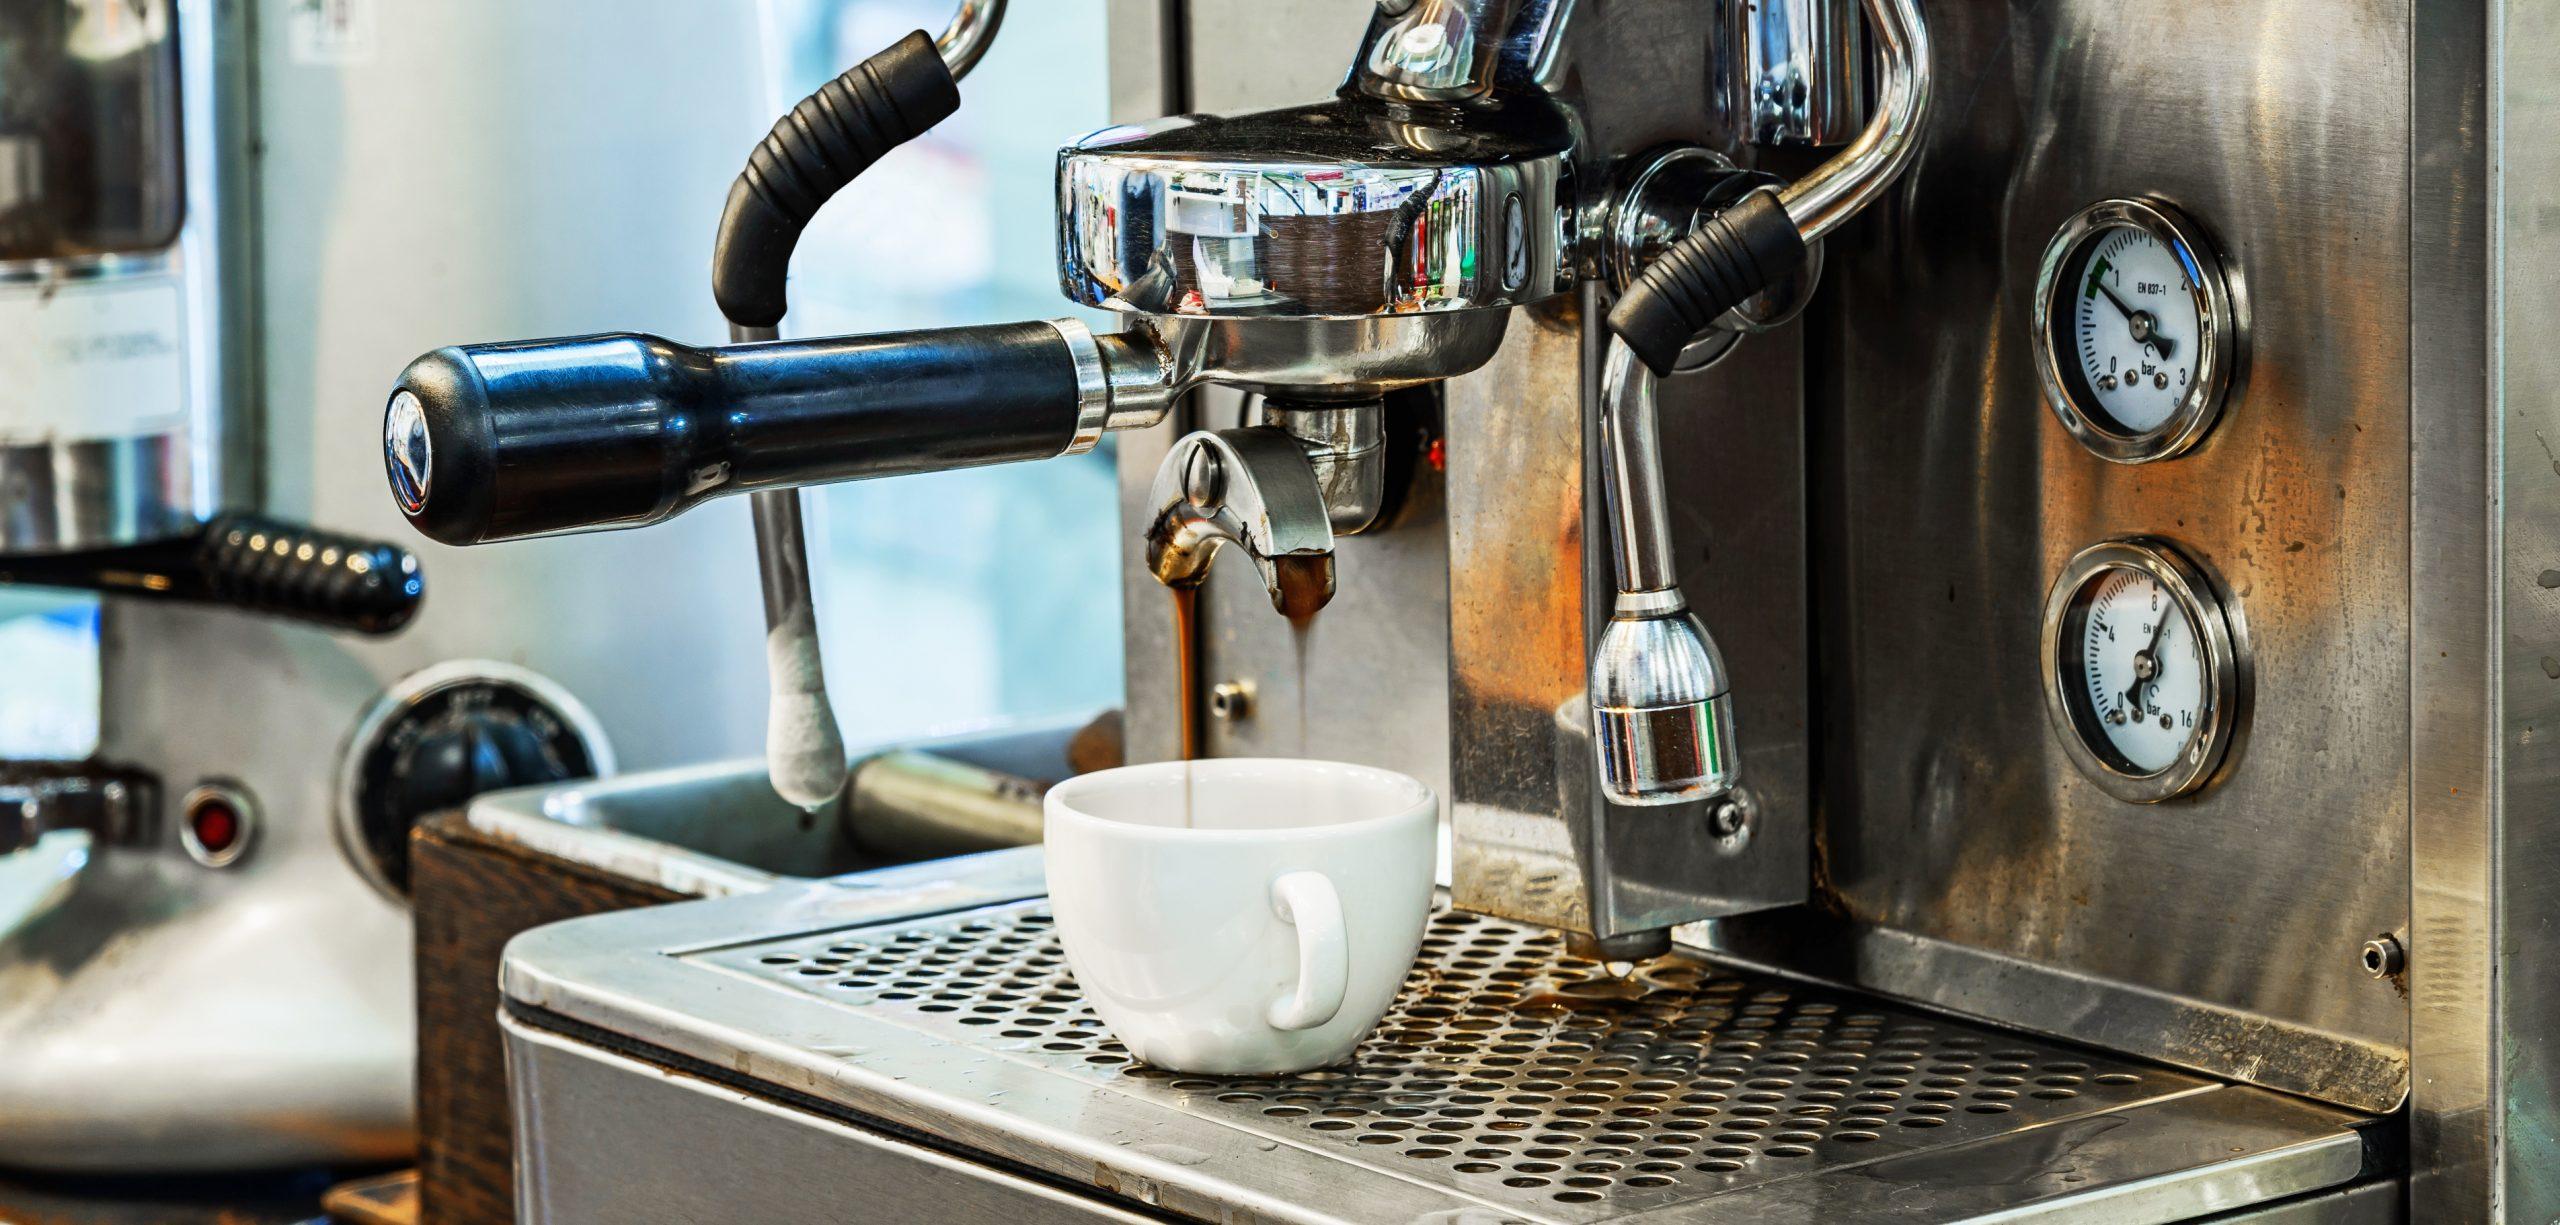 Cafeteira industrial: Qual a melhor de 2020?